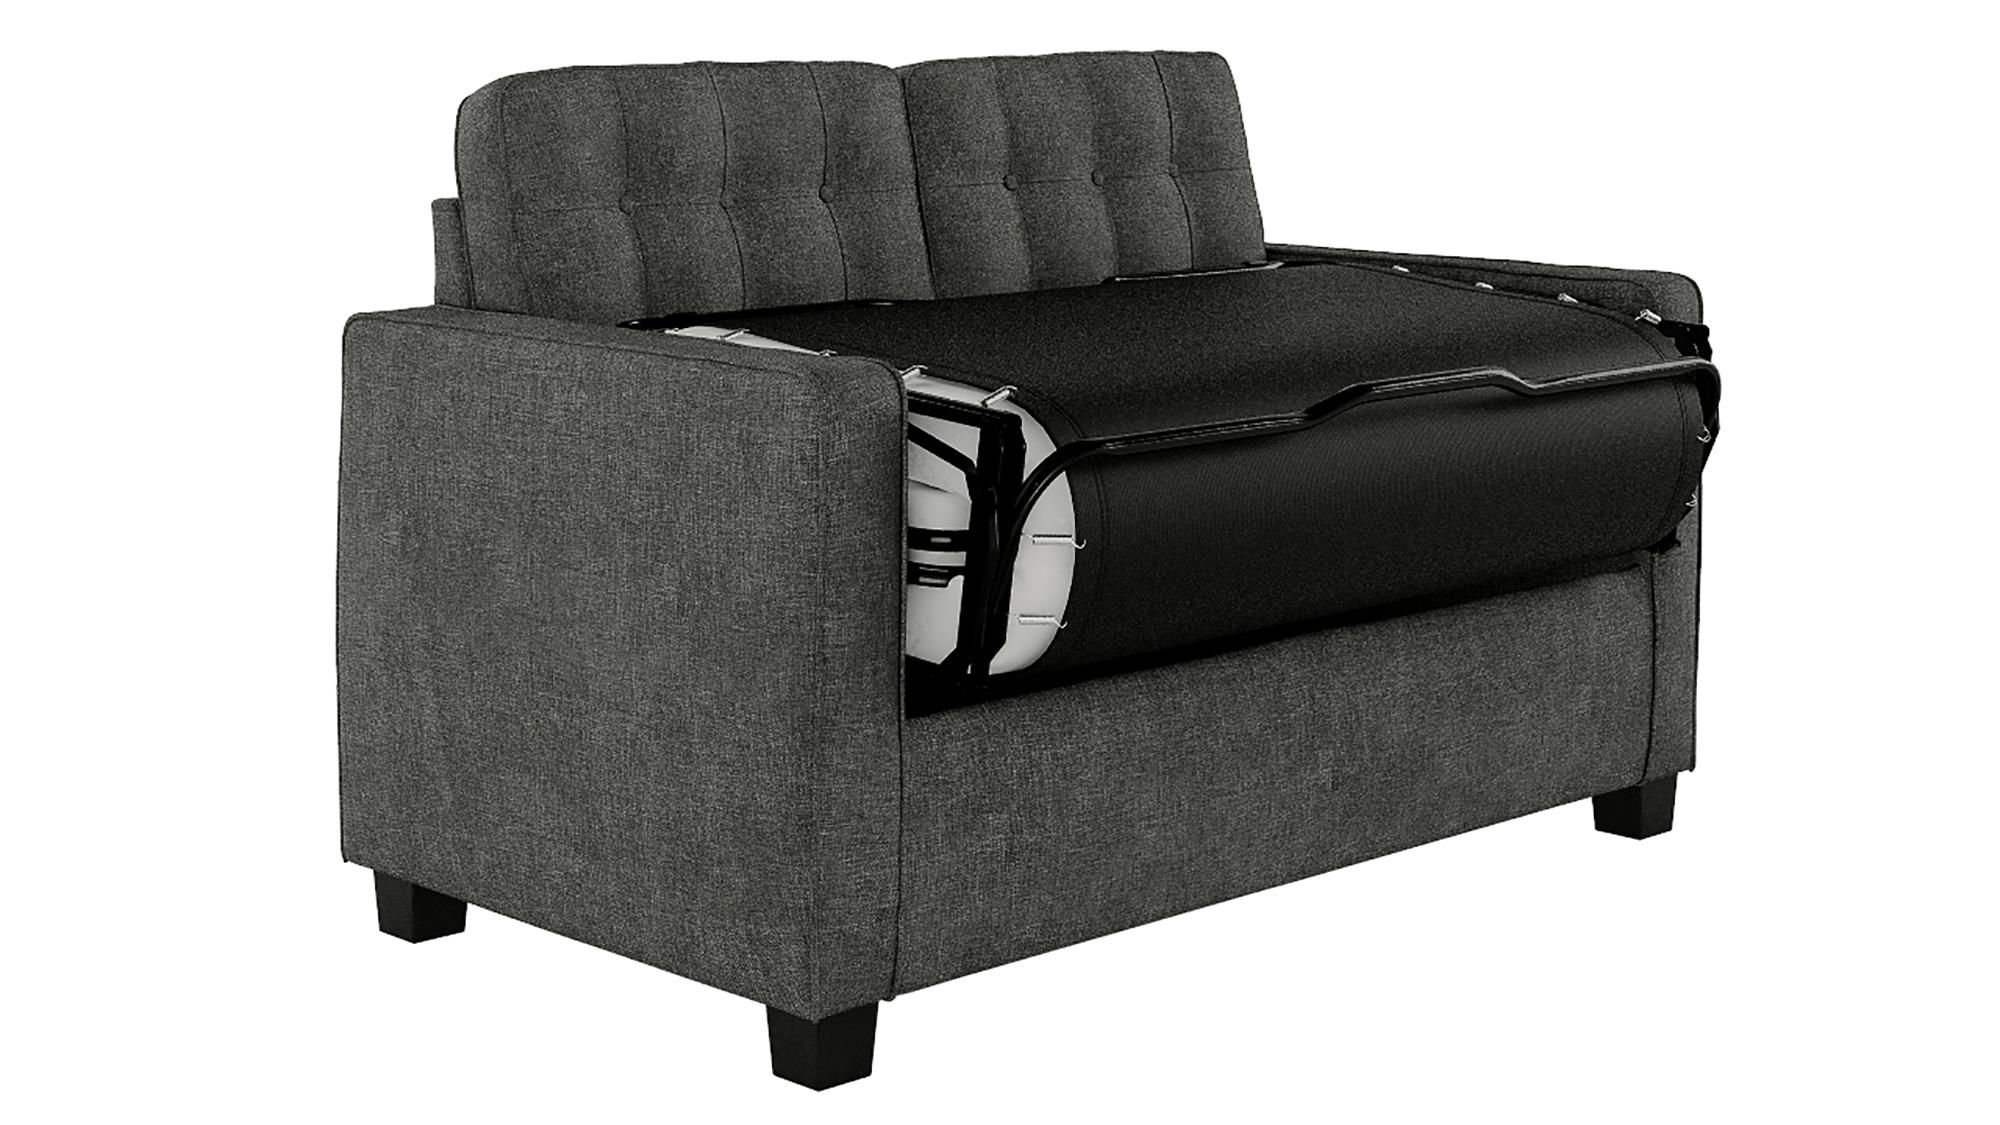 100 Reference Of Eco Mattress Store Sleeper Sofa Memory Foam Mattress In 2020 Small Sleeper Sofa Sofa Bed Mattress Mattress Sofa